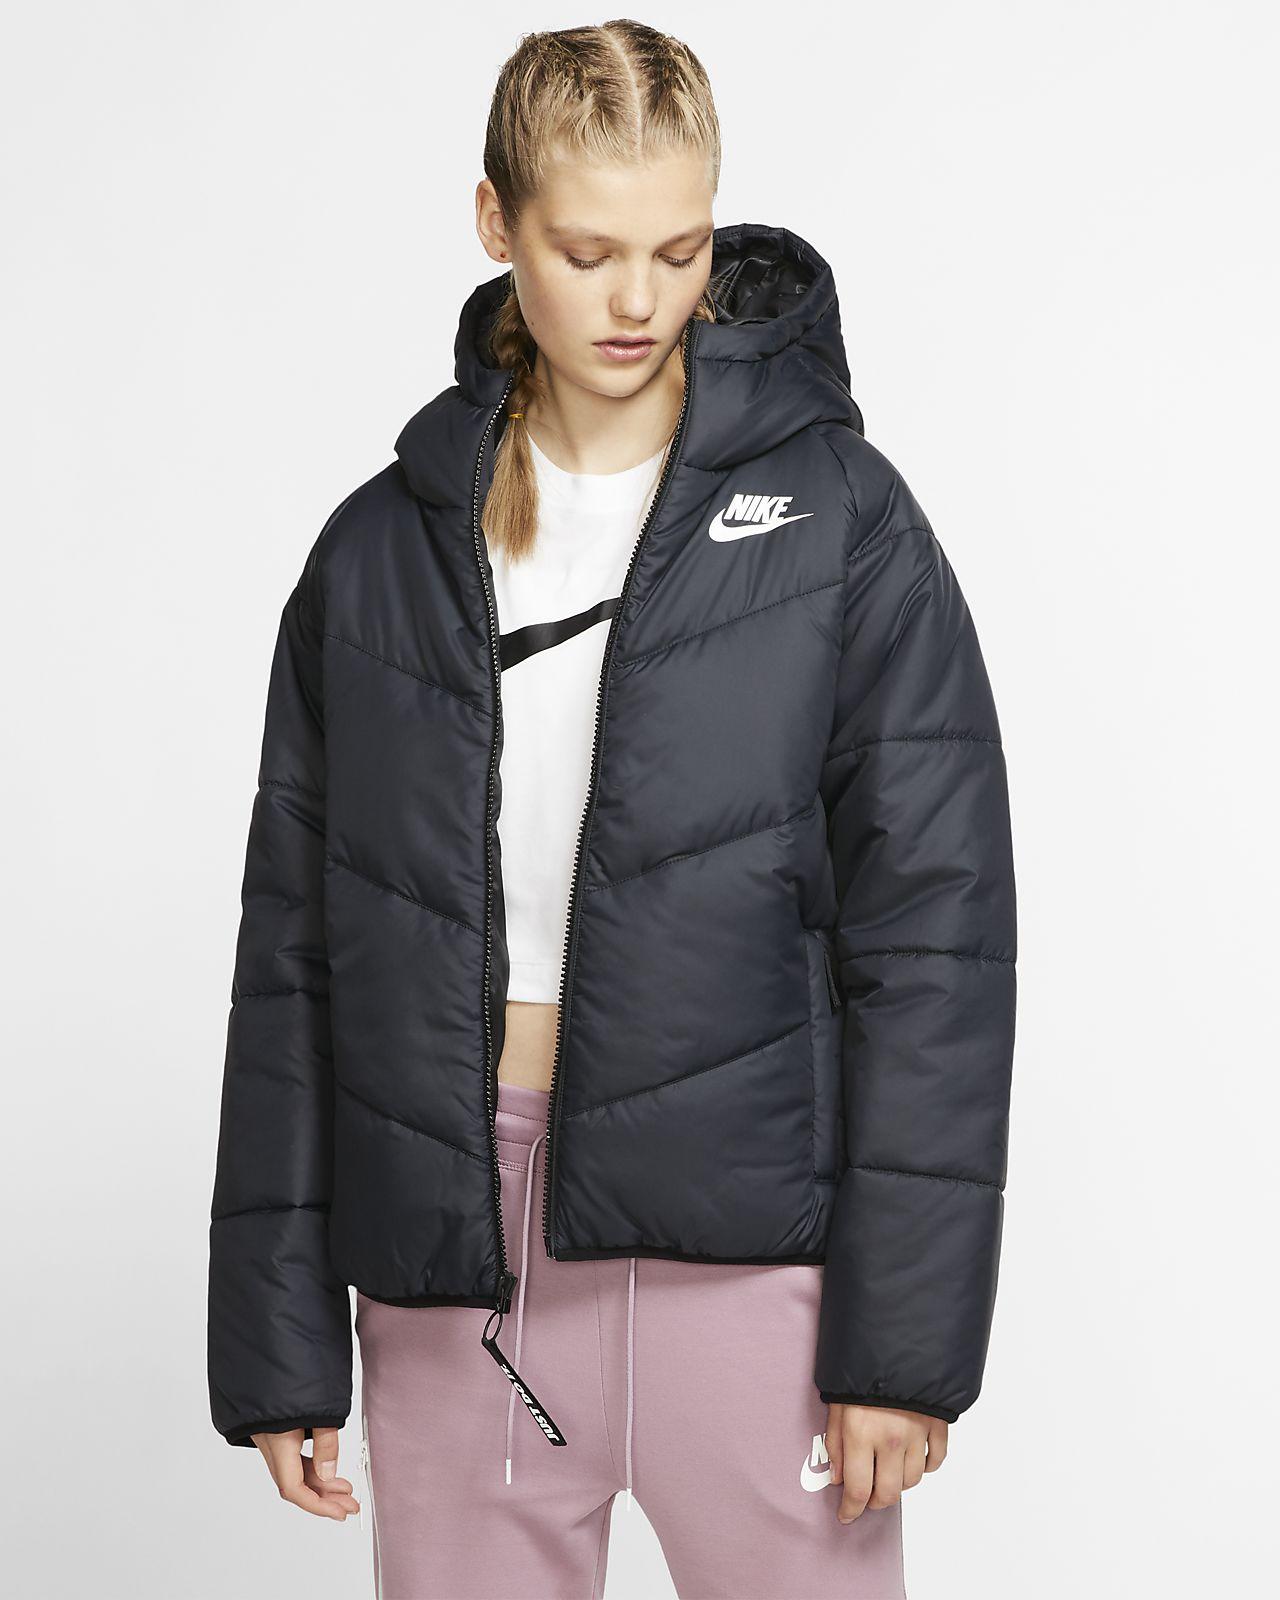 Nike Sportswear Windrunner Damesjack met capuchon